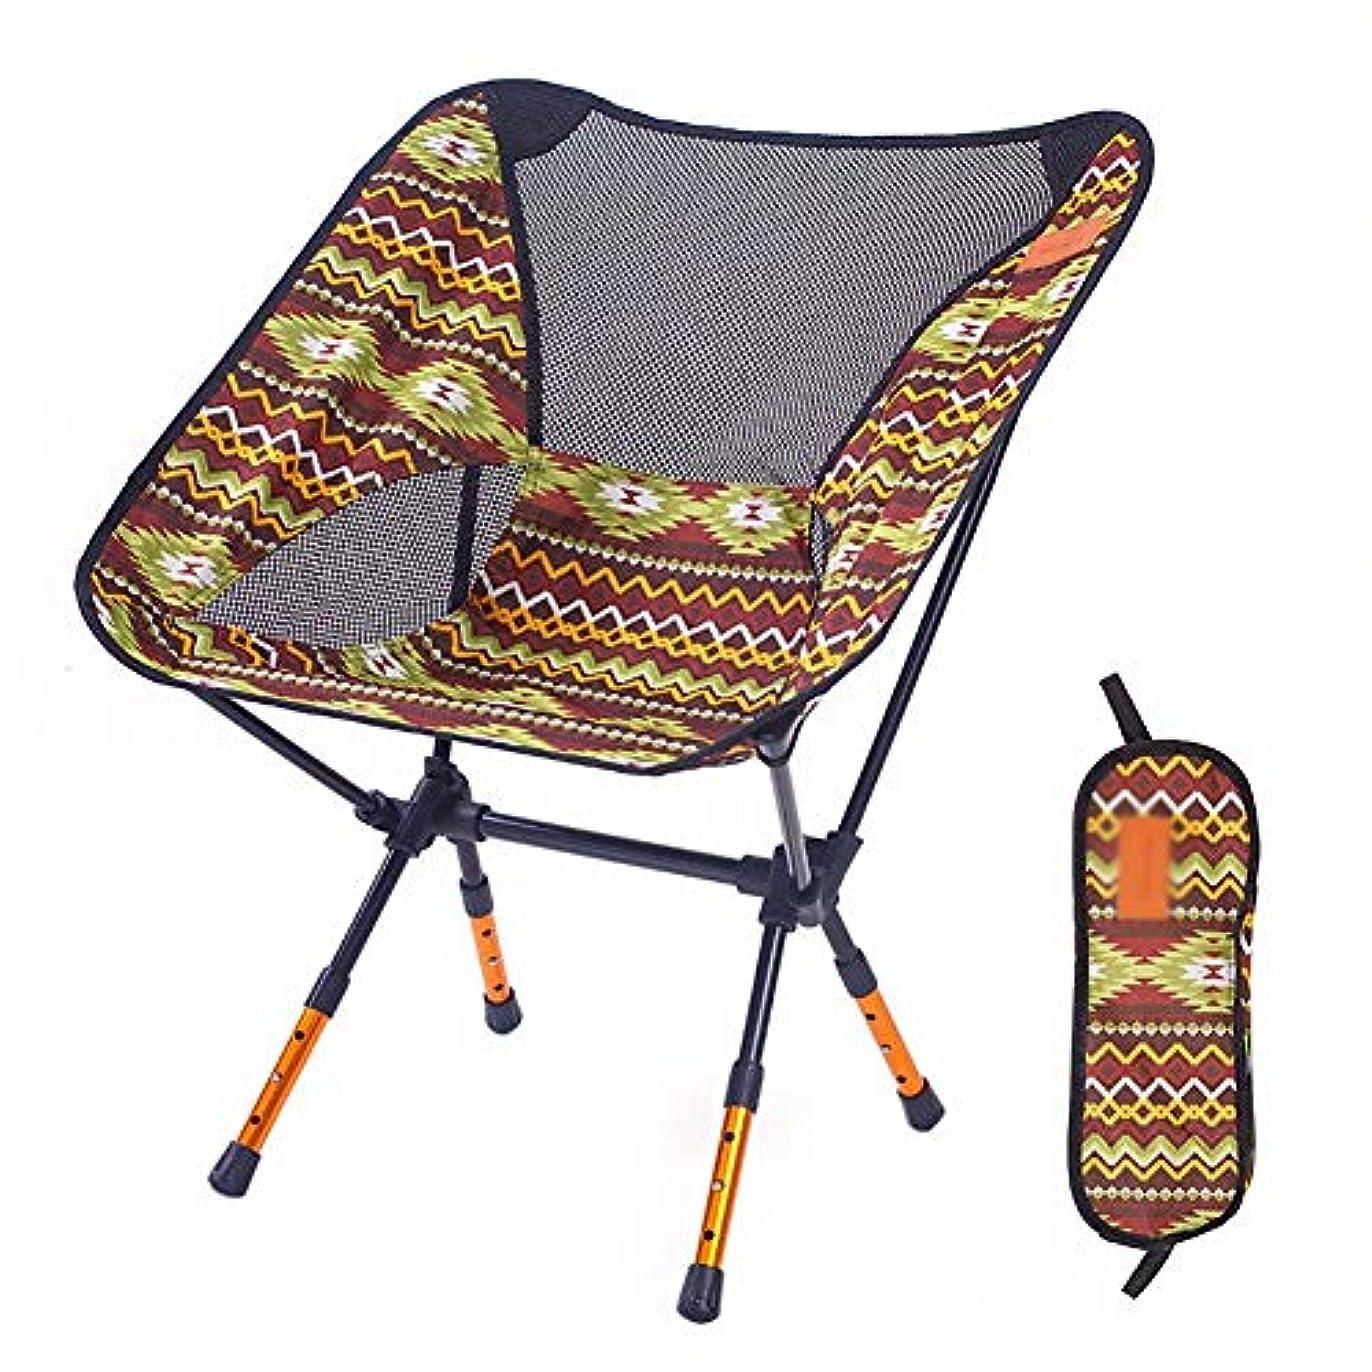 社説条約ログ調節可能な高さの月の椅子、色の超軽量の携帯用アルミニウム釣椅子のキャンプ折るテーブルおよび椅子